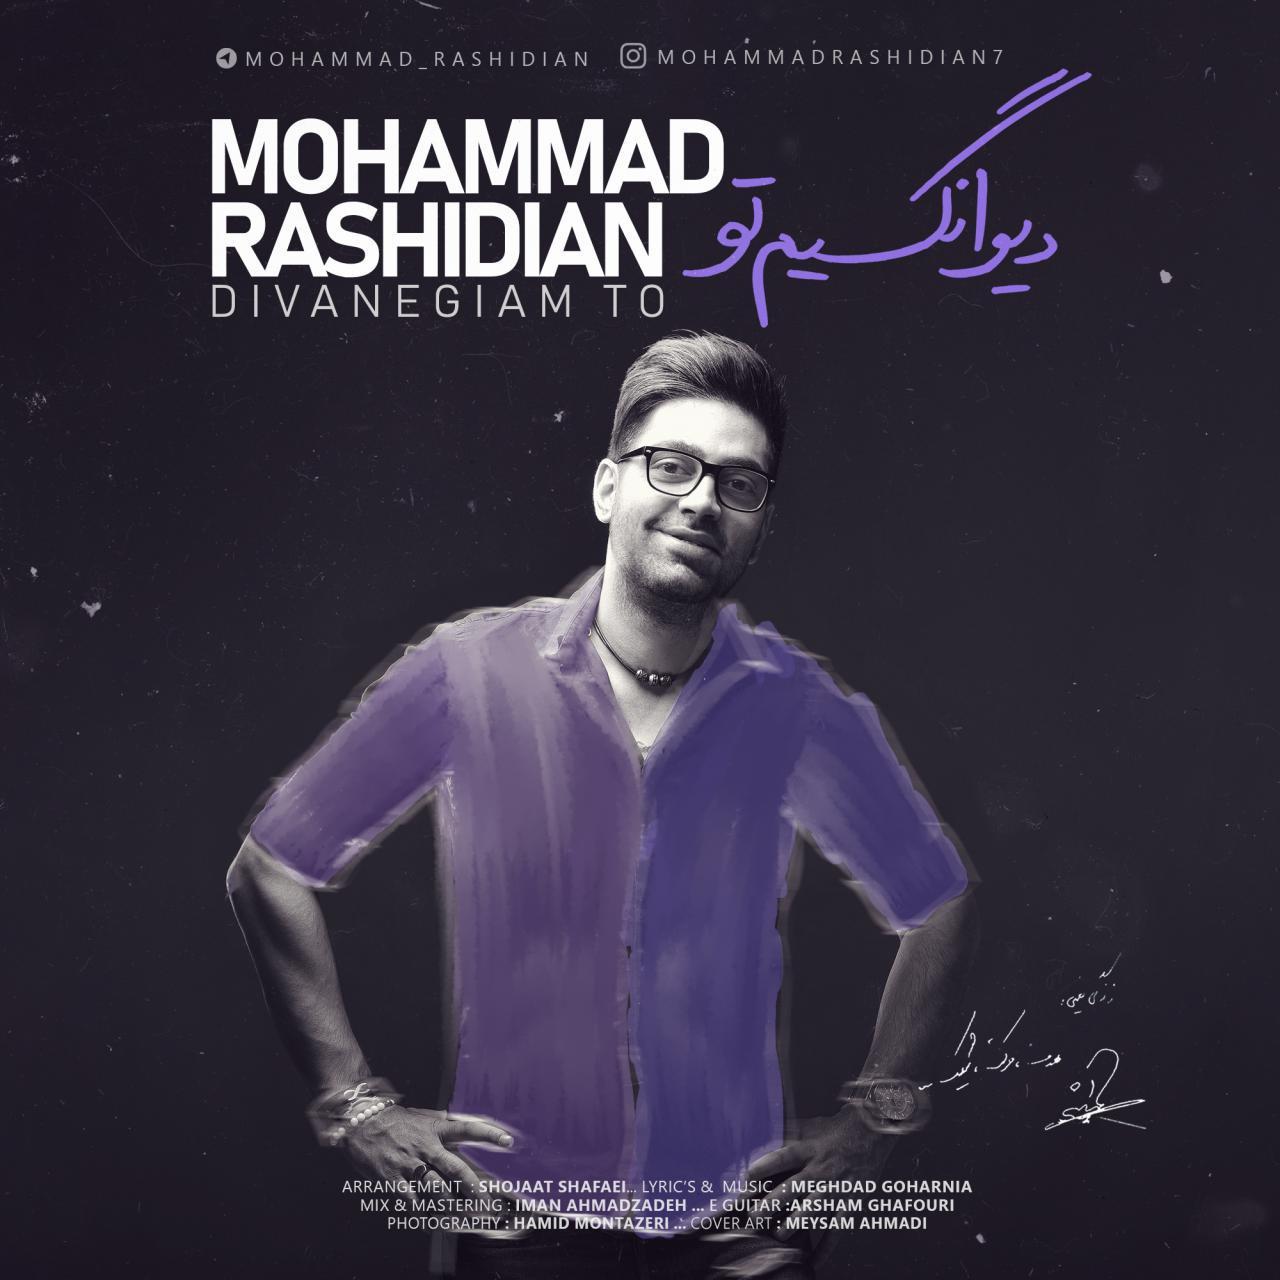 دانلود آهنگ جدید محمد رشیدیان به نام دیوانگیم تو